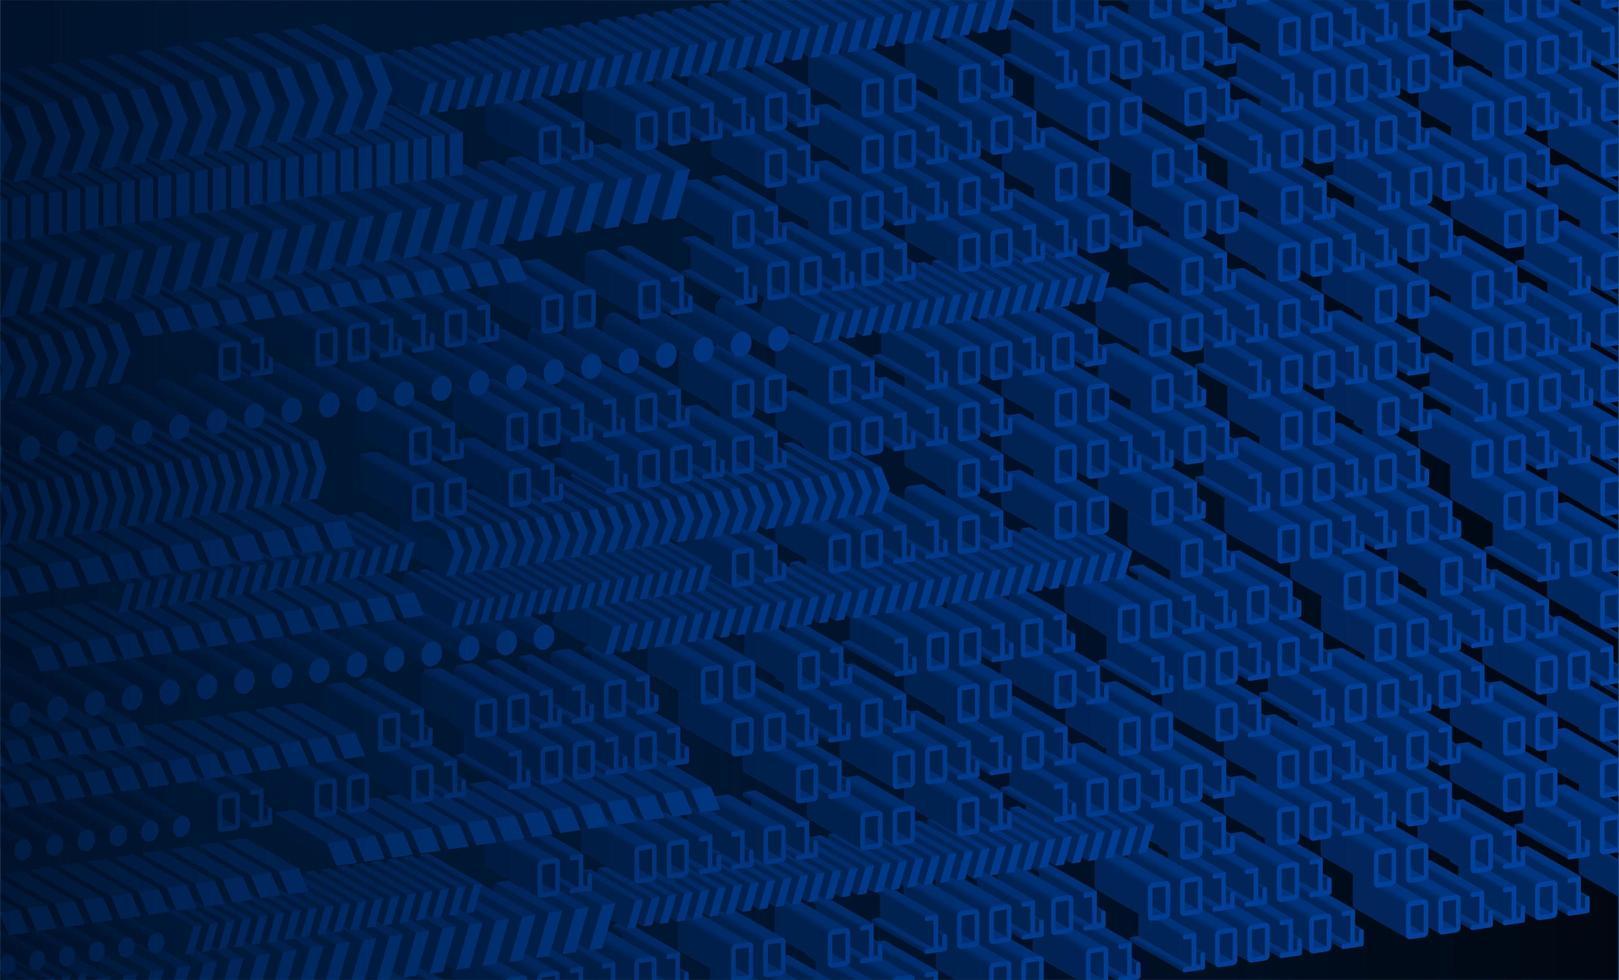 blauwe 3d binaire cyber circuit achtergrond vector